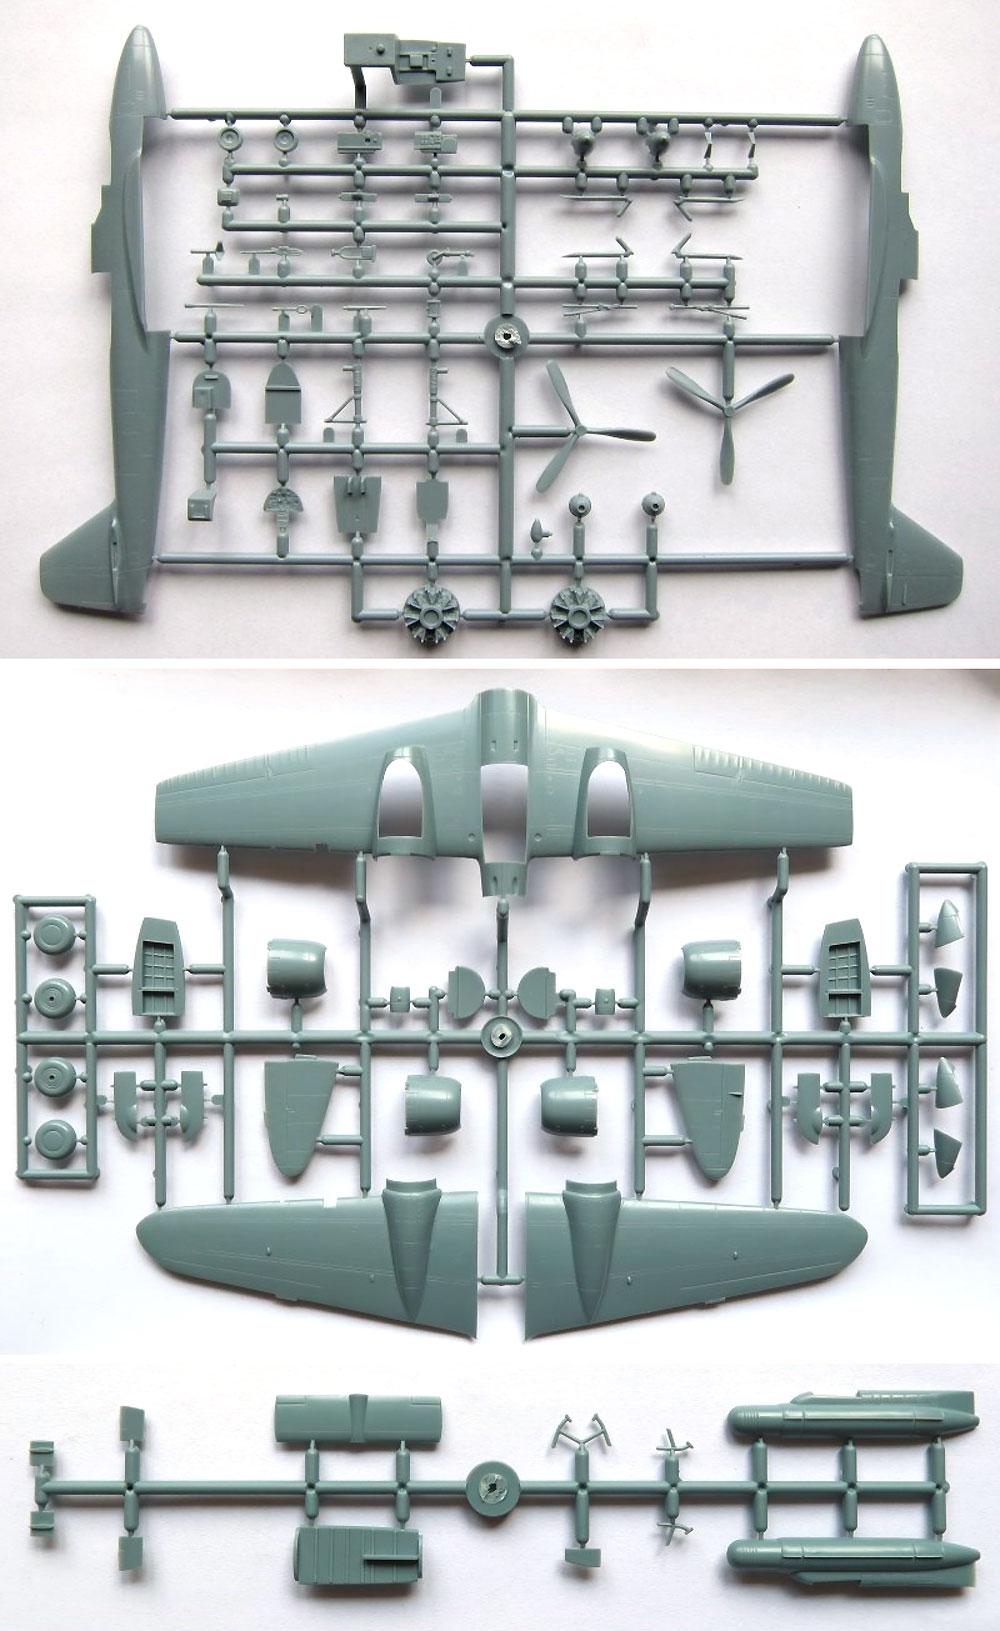 川崎 キ102b w/イ号無線誘導弾プラモデル(ソード1/72 エアクラフト プラモデルNo.SW72125)商品画像_2